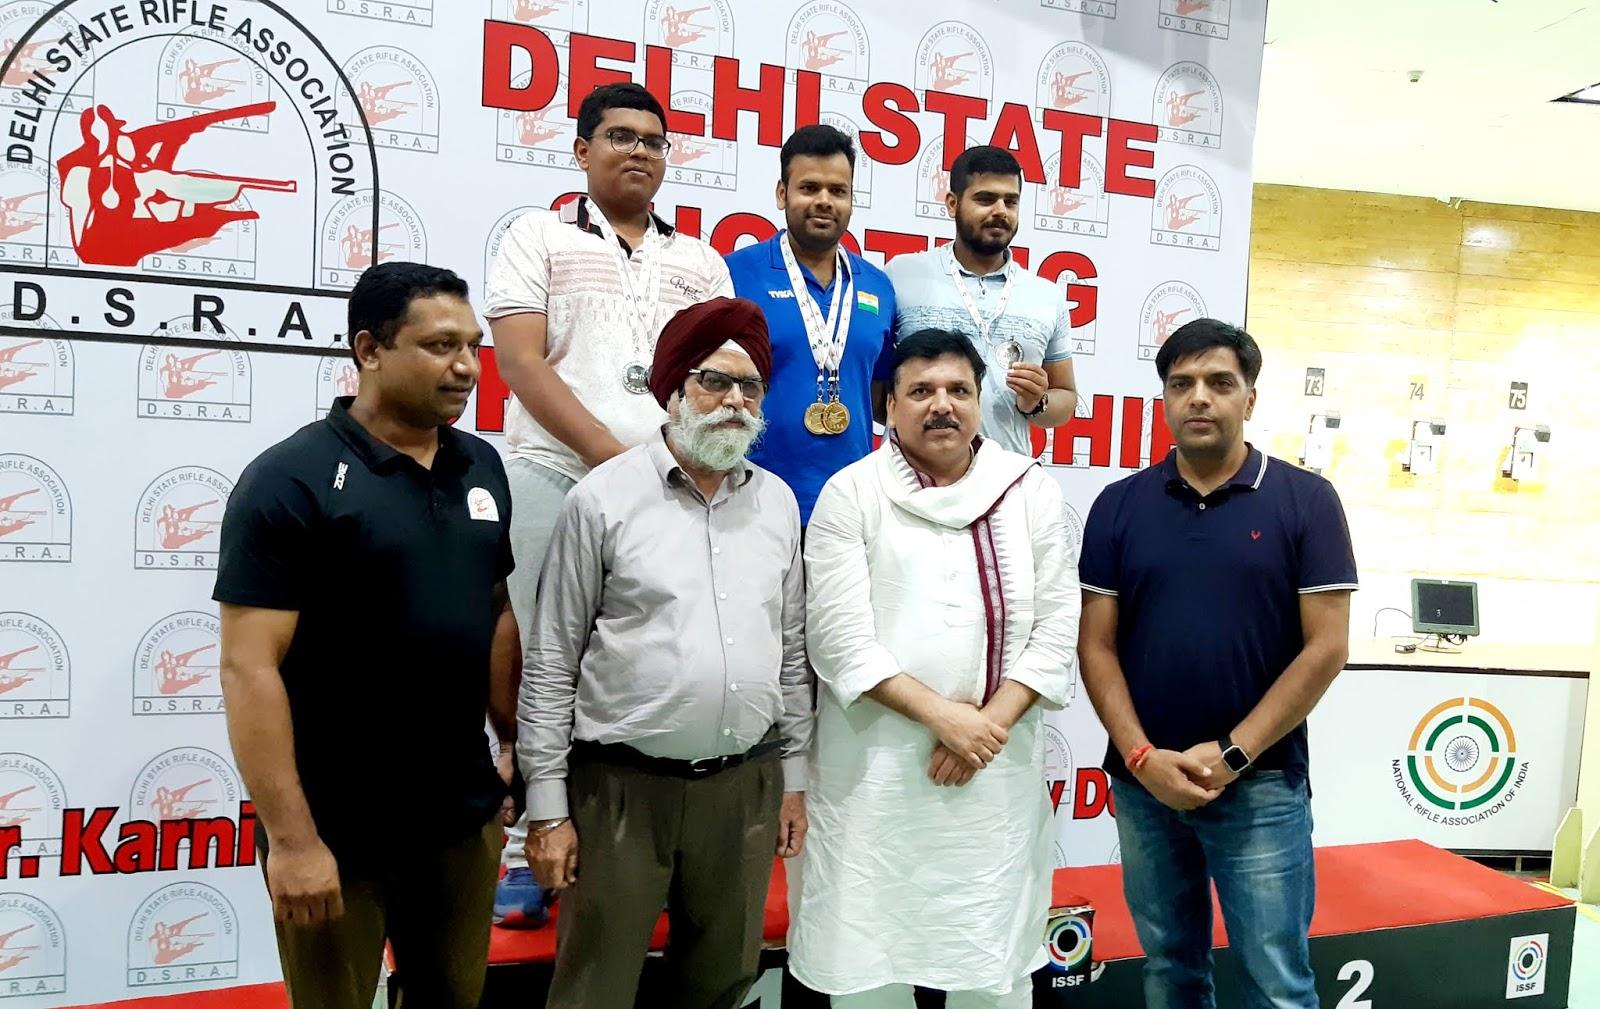 दिल्ली पुलिस के स्पेशल सेल के मशहूर डीसीपी सजीव कुमार यादव ने गोल्ड जीता